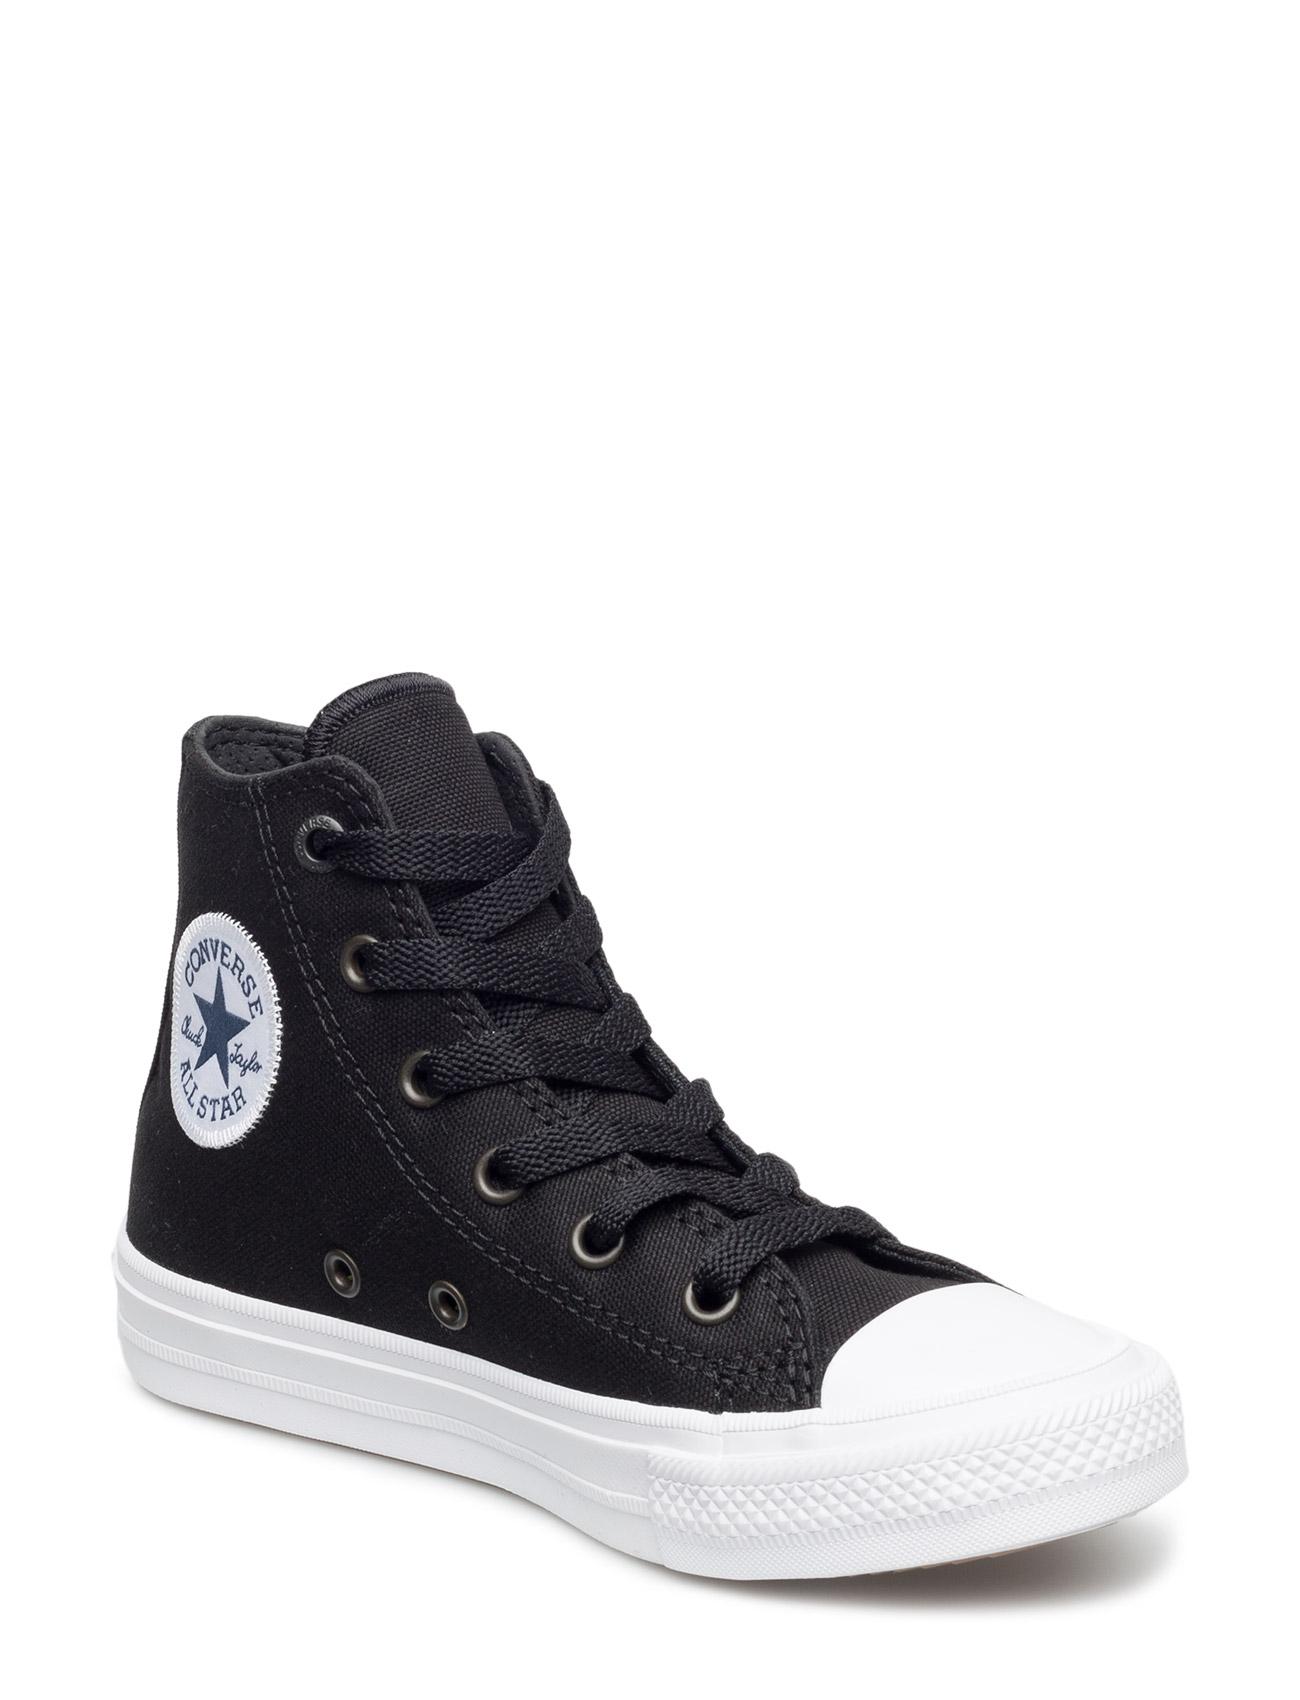 Ctas Ii Kids Hi Converse Sko & Sneakers til Børn i Sort